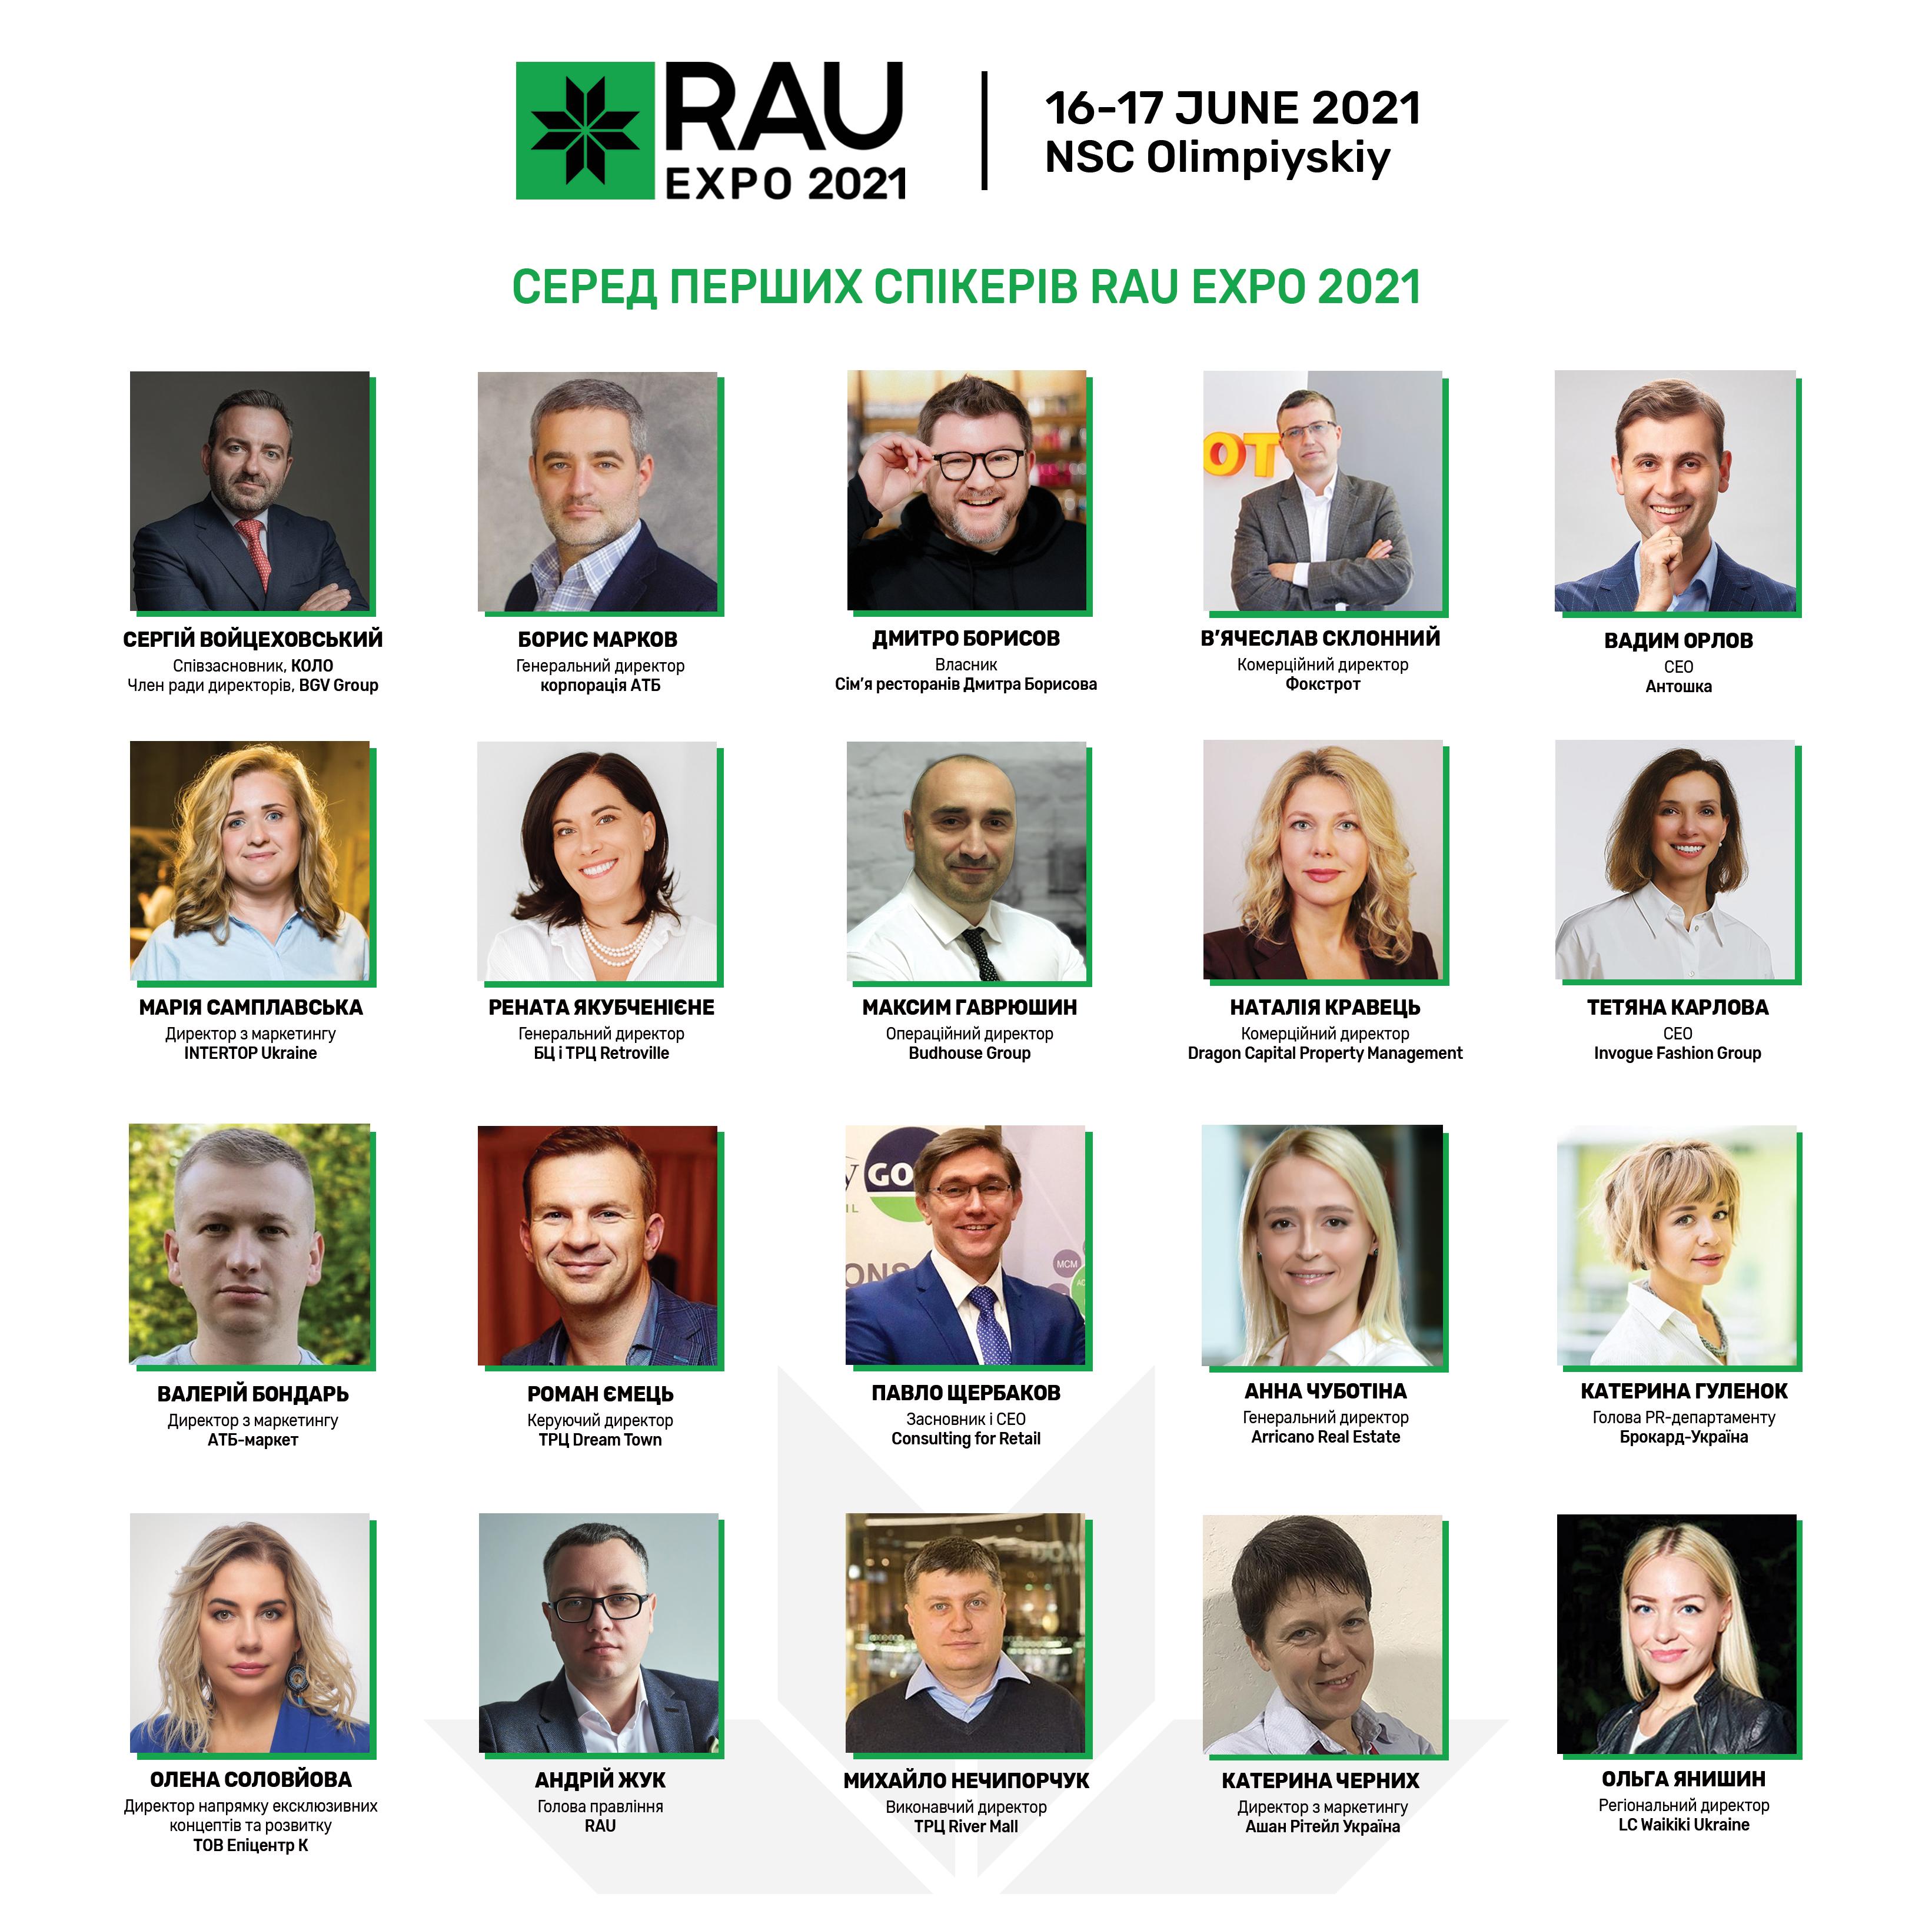 Главная встреча ритейла страны RAU Expo 2021: программа, темы, спикеры